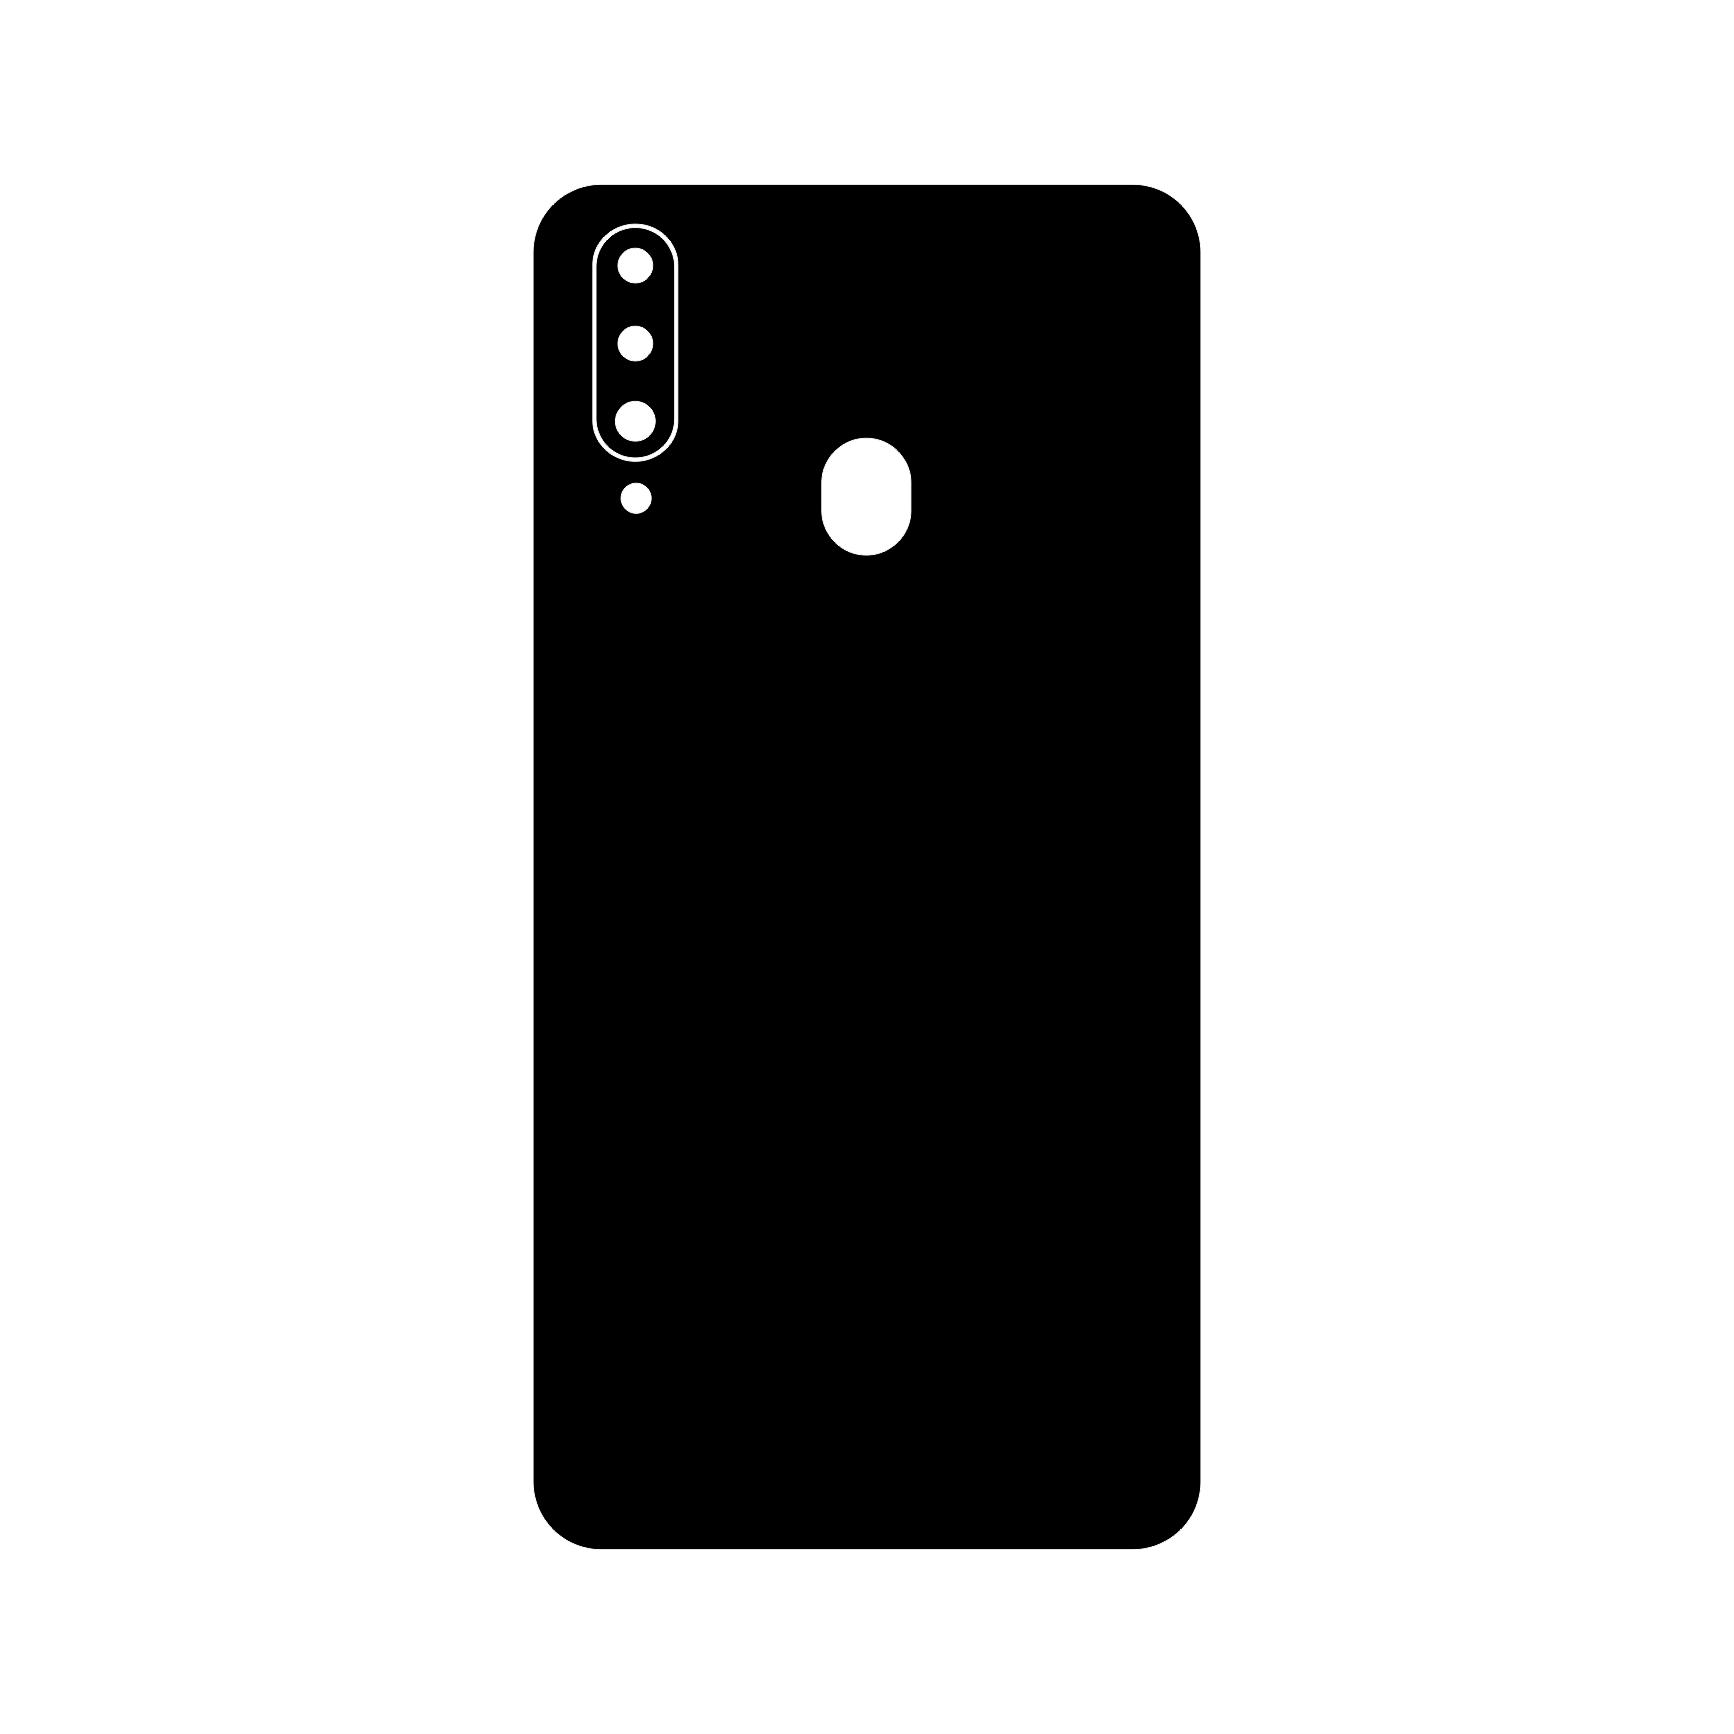 برچسب پوششی مدل 1004 مناسب برای گوشی موبایل سامسونگ Galaxy A20s